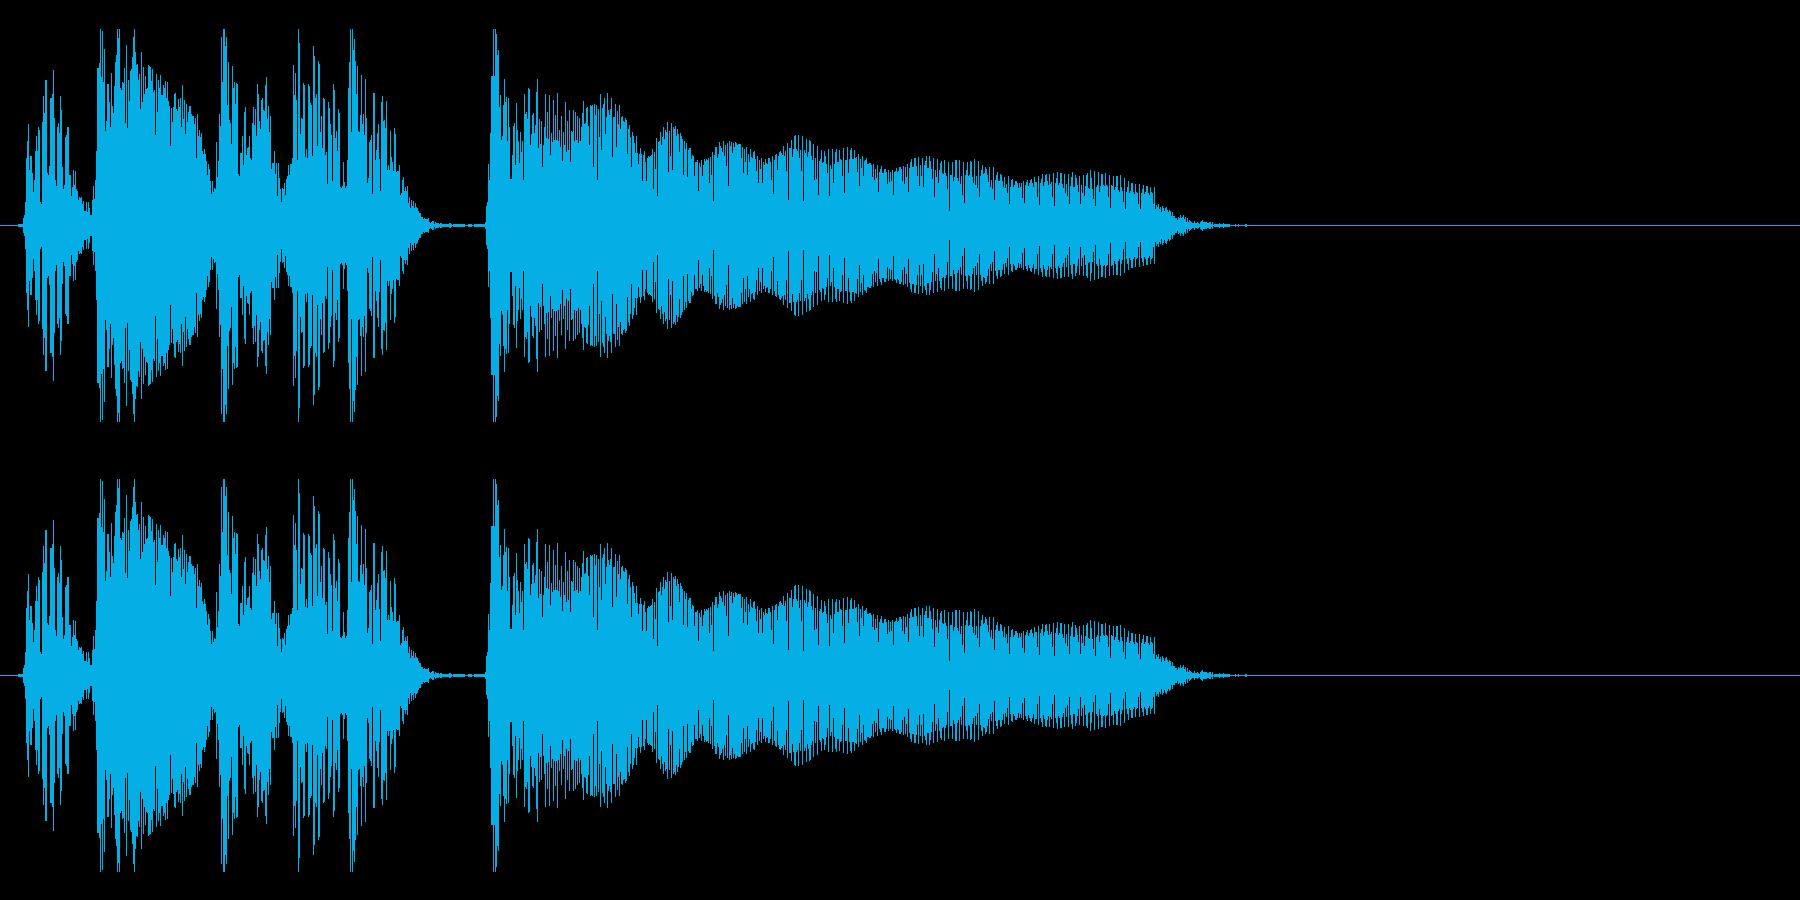 アップライトベース 場面切り替わる2の再生済みの波形